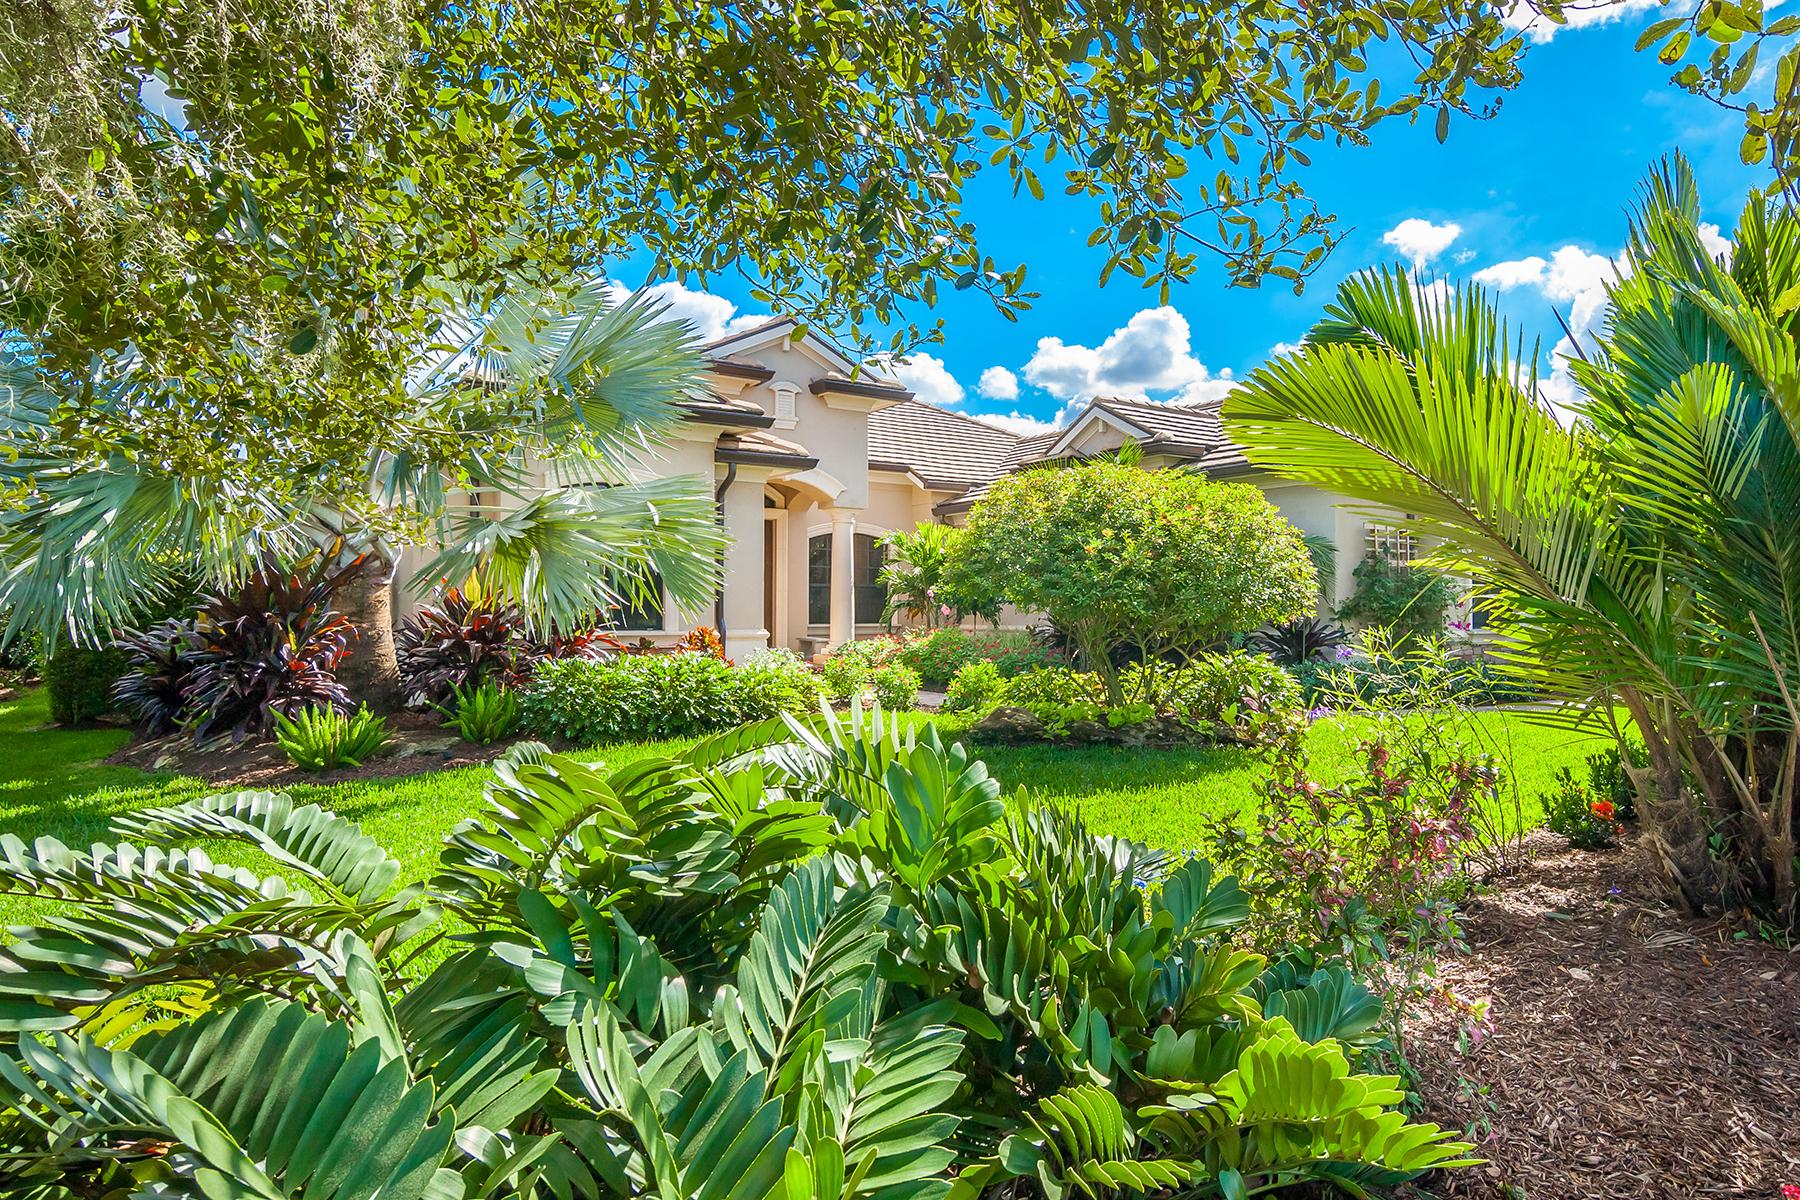 独户住宅 为 销售 在 FOUNDERS CLUB 3426 Founders Club Dr 萨拉索塔, 佛罗里达州 34240 美国